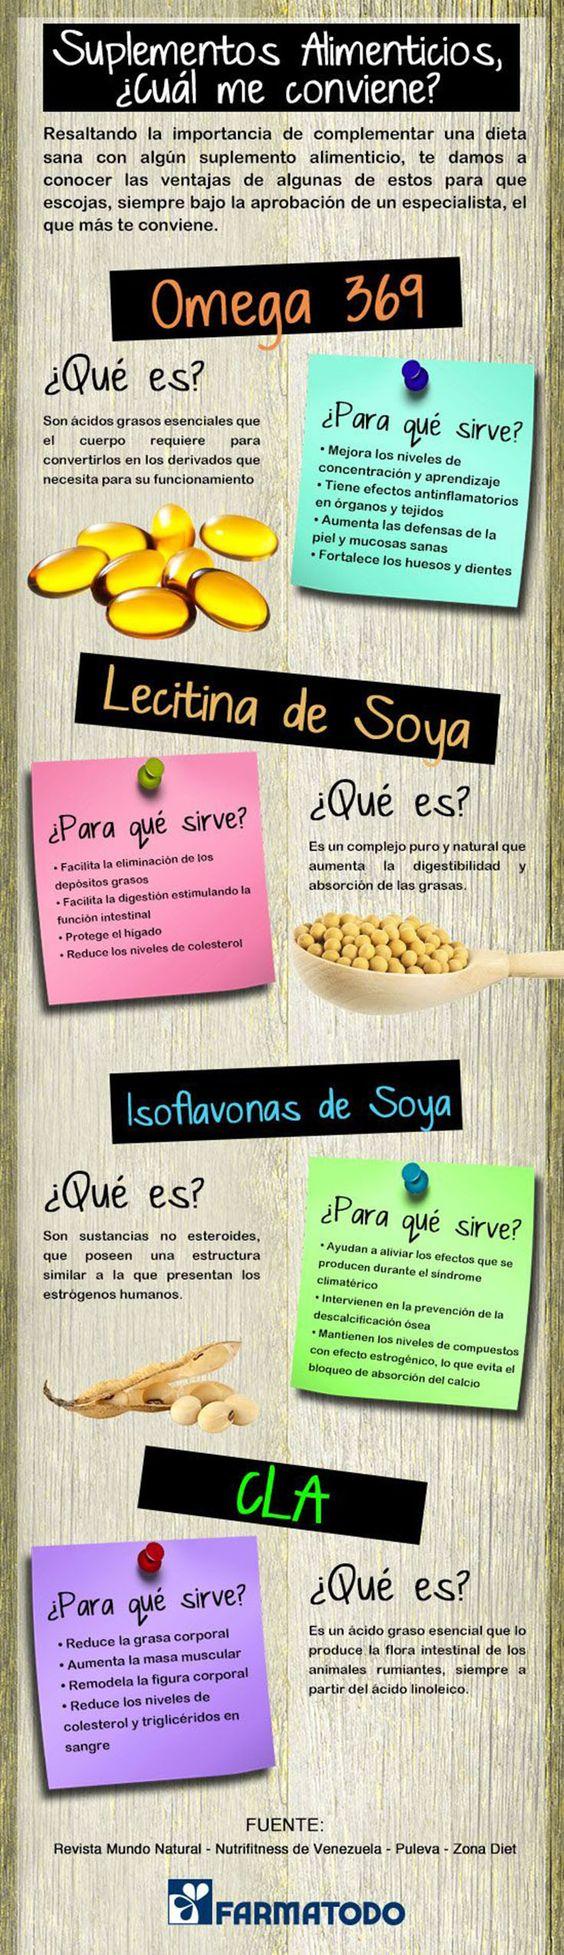 Complementos alimenticios. ¿Cual es mejor? #salud #infografía